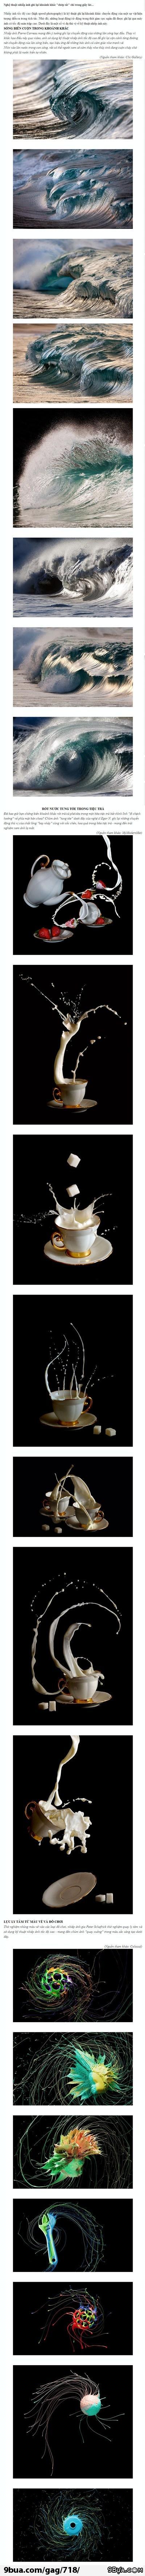 """Những khoảnh khắc """"chớp mắt là biến mất"""" :)"""